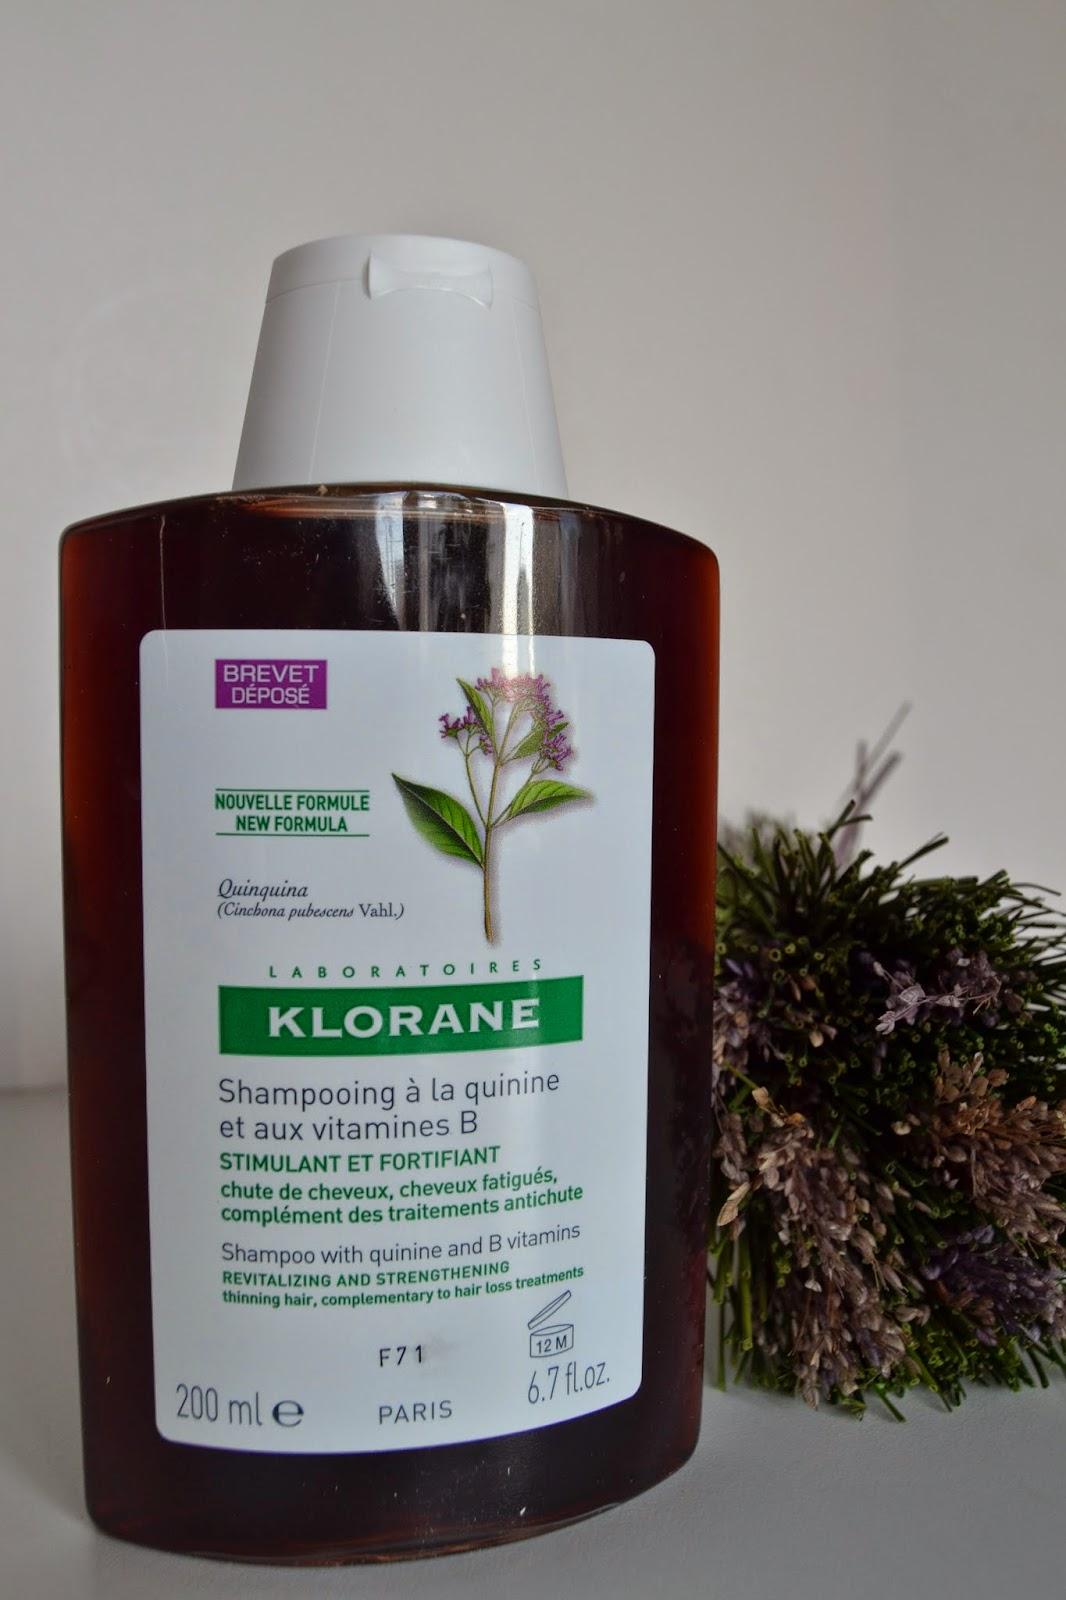 klorane kullanıcı yorumları - klorane şampuan - kinin maddesi nedir - b vitaminli şampuan - kozmetik blogları - makyaj blogları -kloran nerden alabilirim